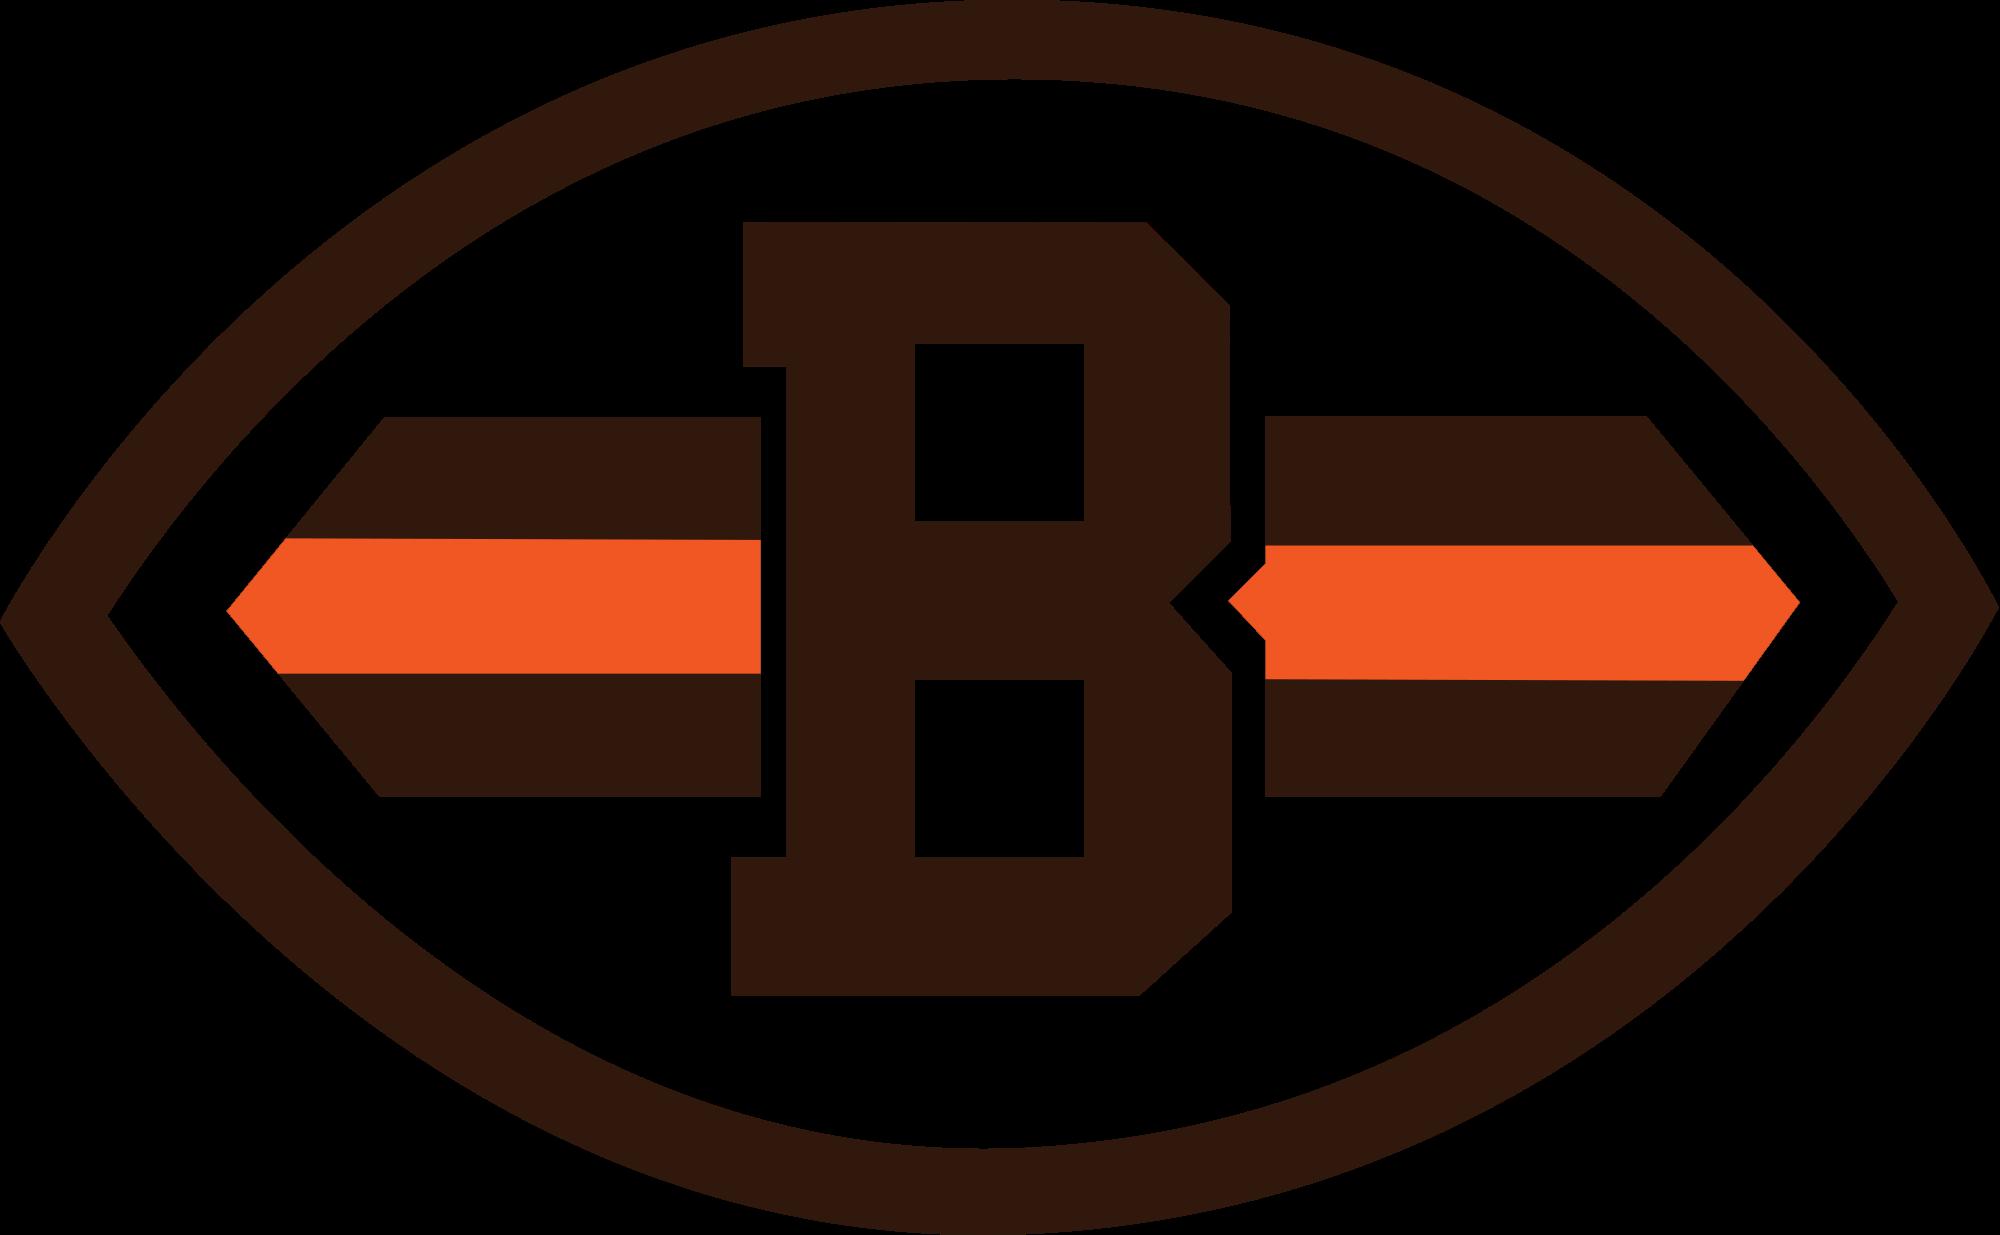 Image result for cleveland browns logo